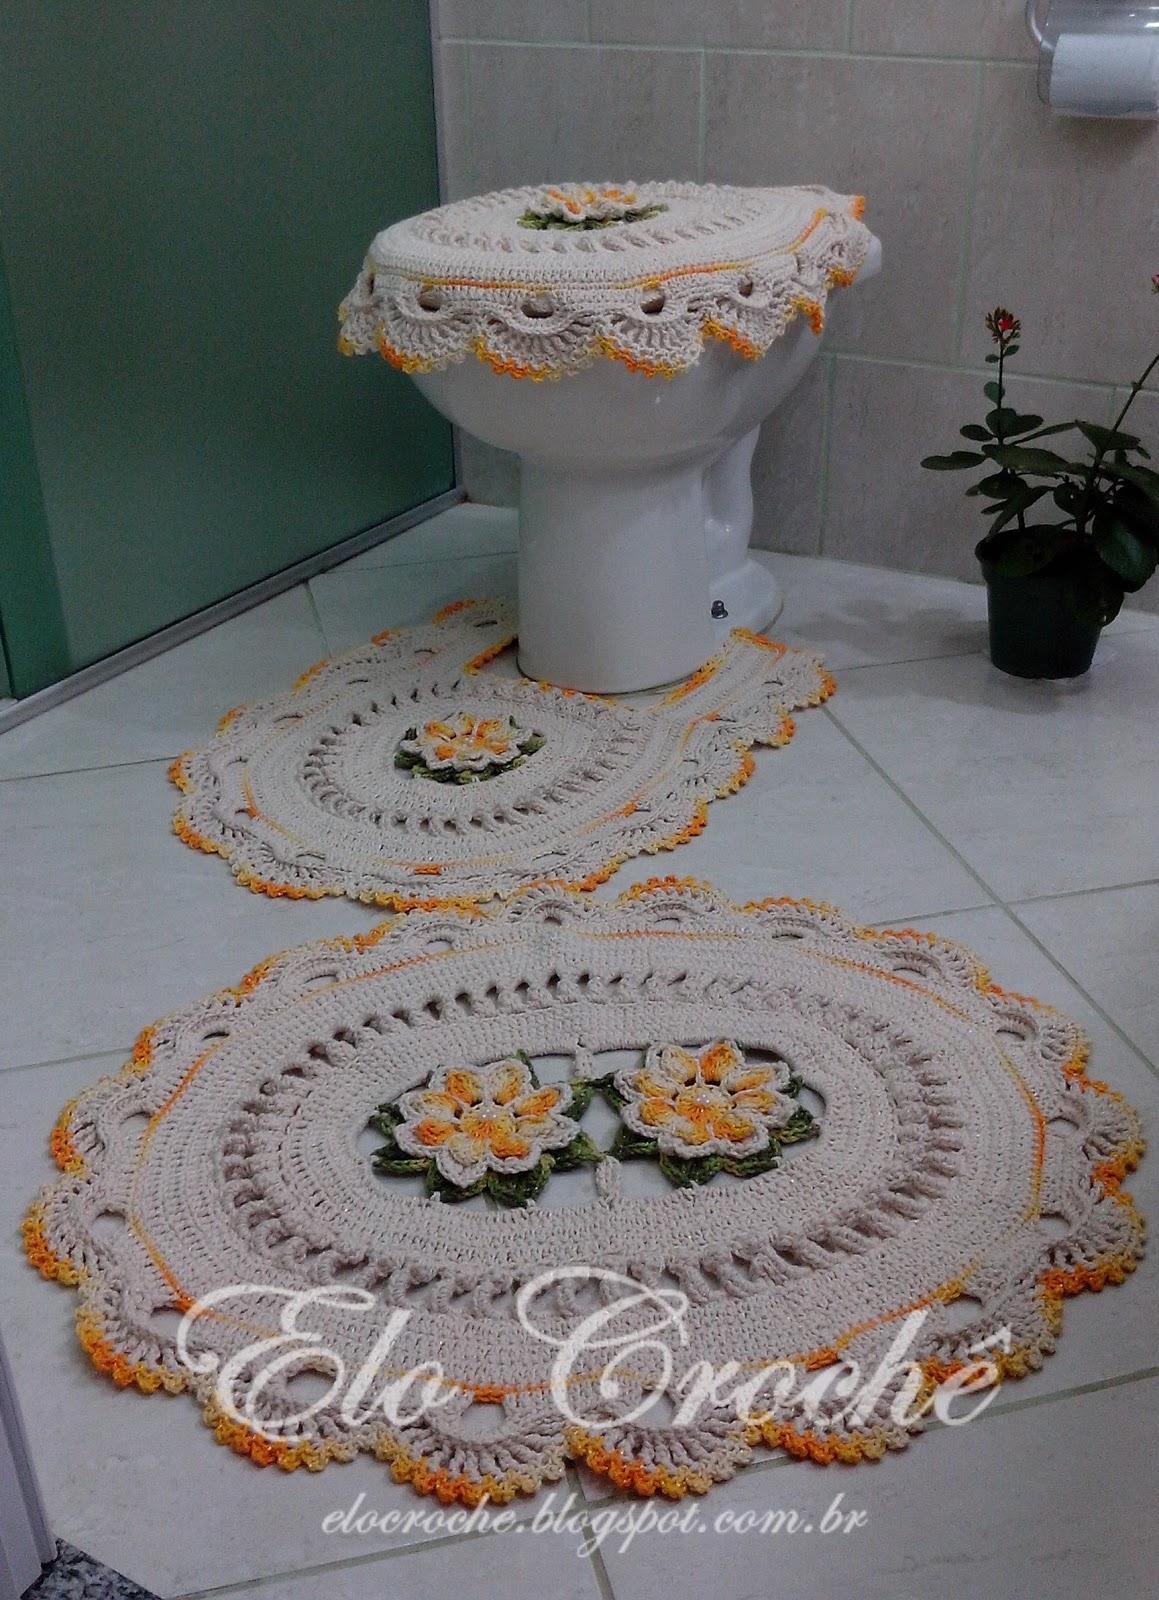 passo a passo pap da flor izis aqui e se você quiser usar a flor em  #6F4730 1159 1600